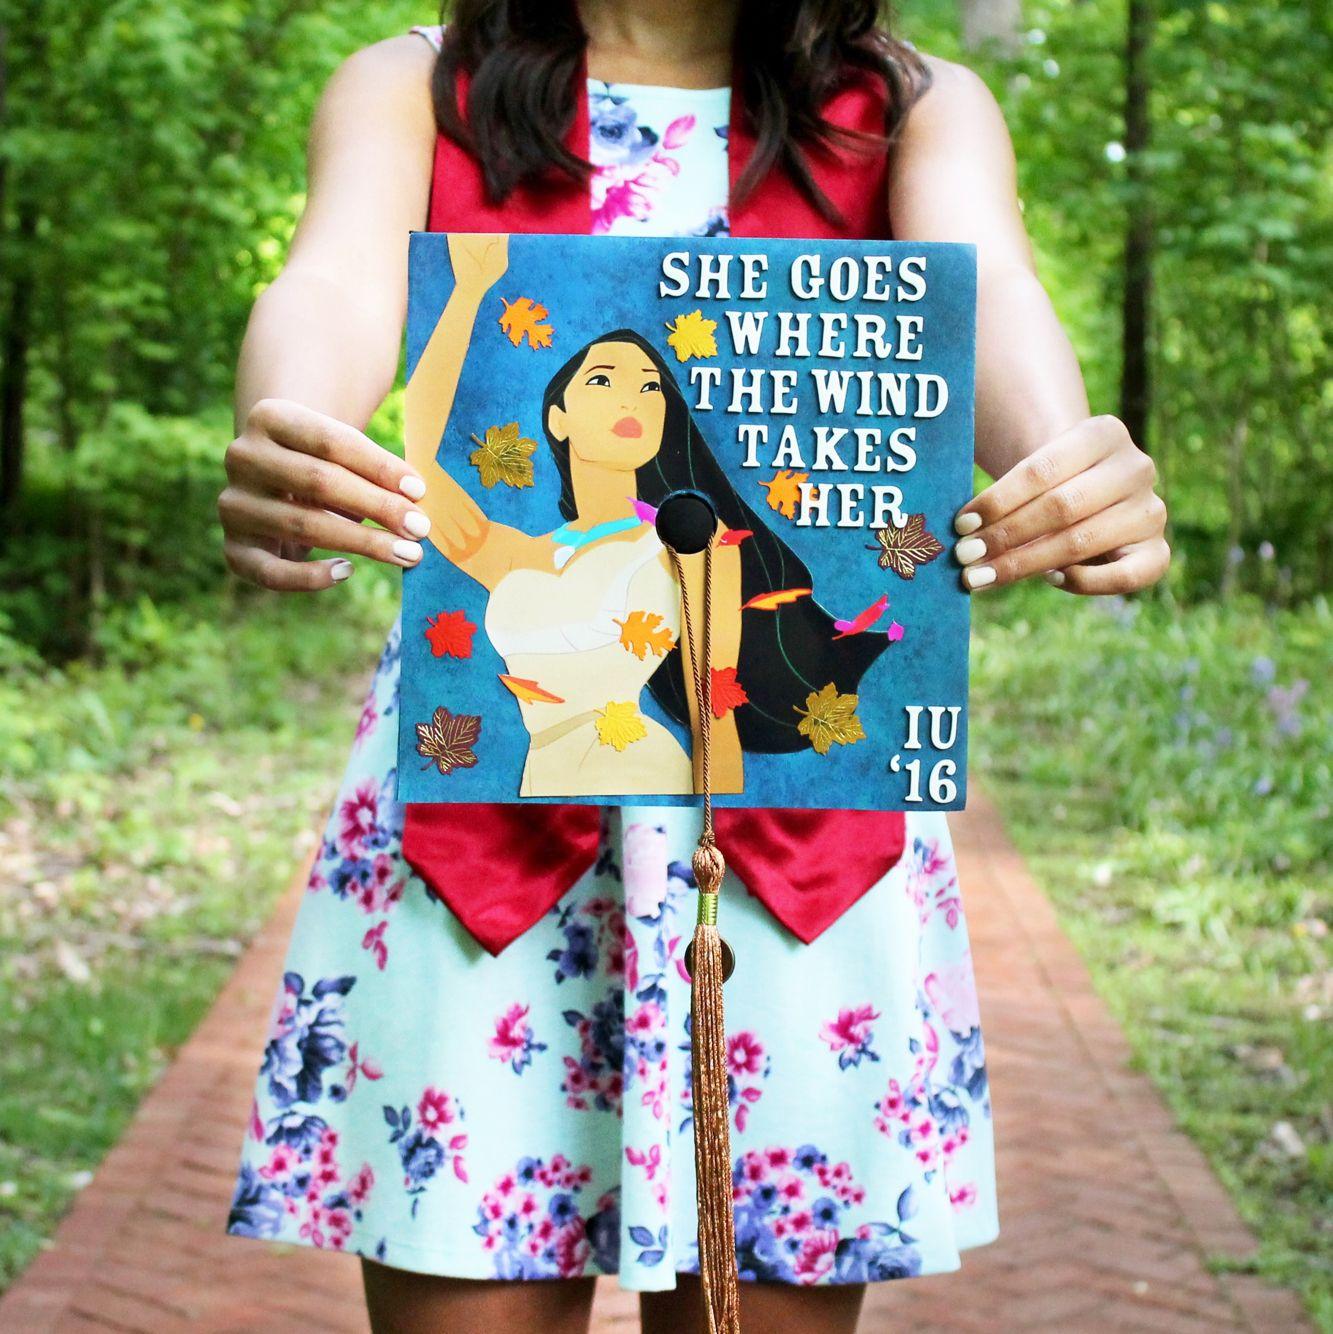 Wondrous Gown Photo Pic Graduation Cap Quotes 2018 Good Graduation Cap Quotes Gown Photo Pic Pocahontas Quotes Graduation Cap Pocahontas Quotes Graduation Cap